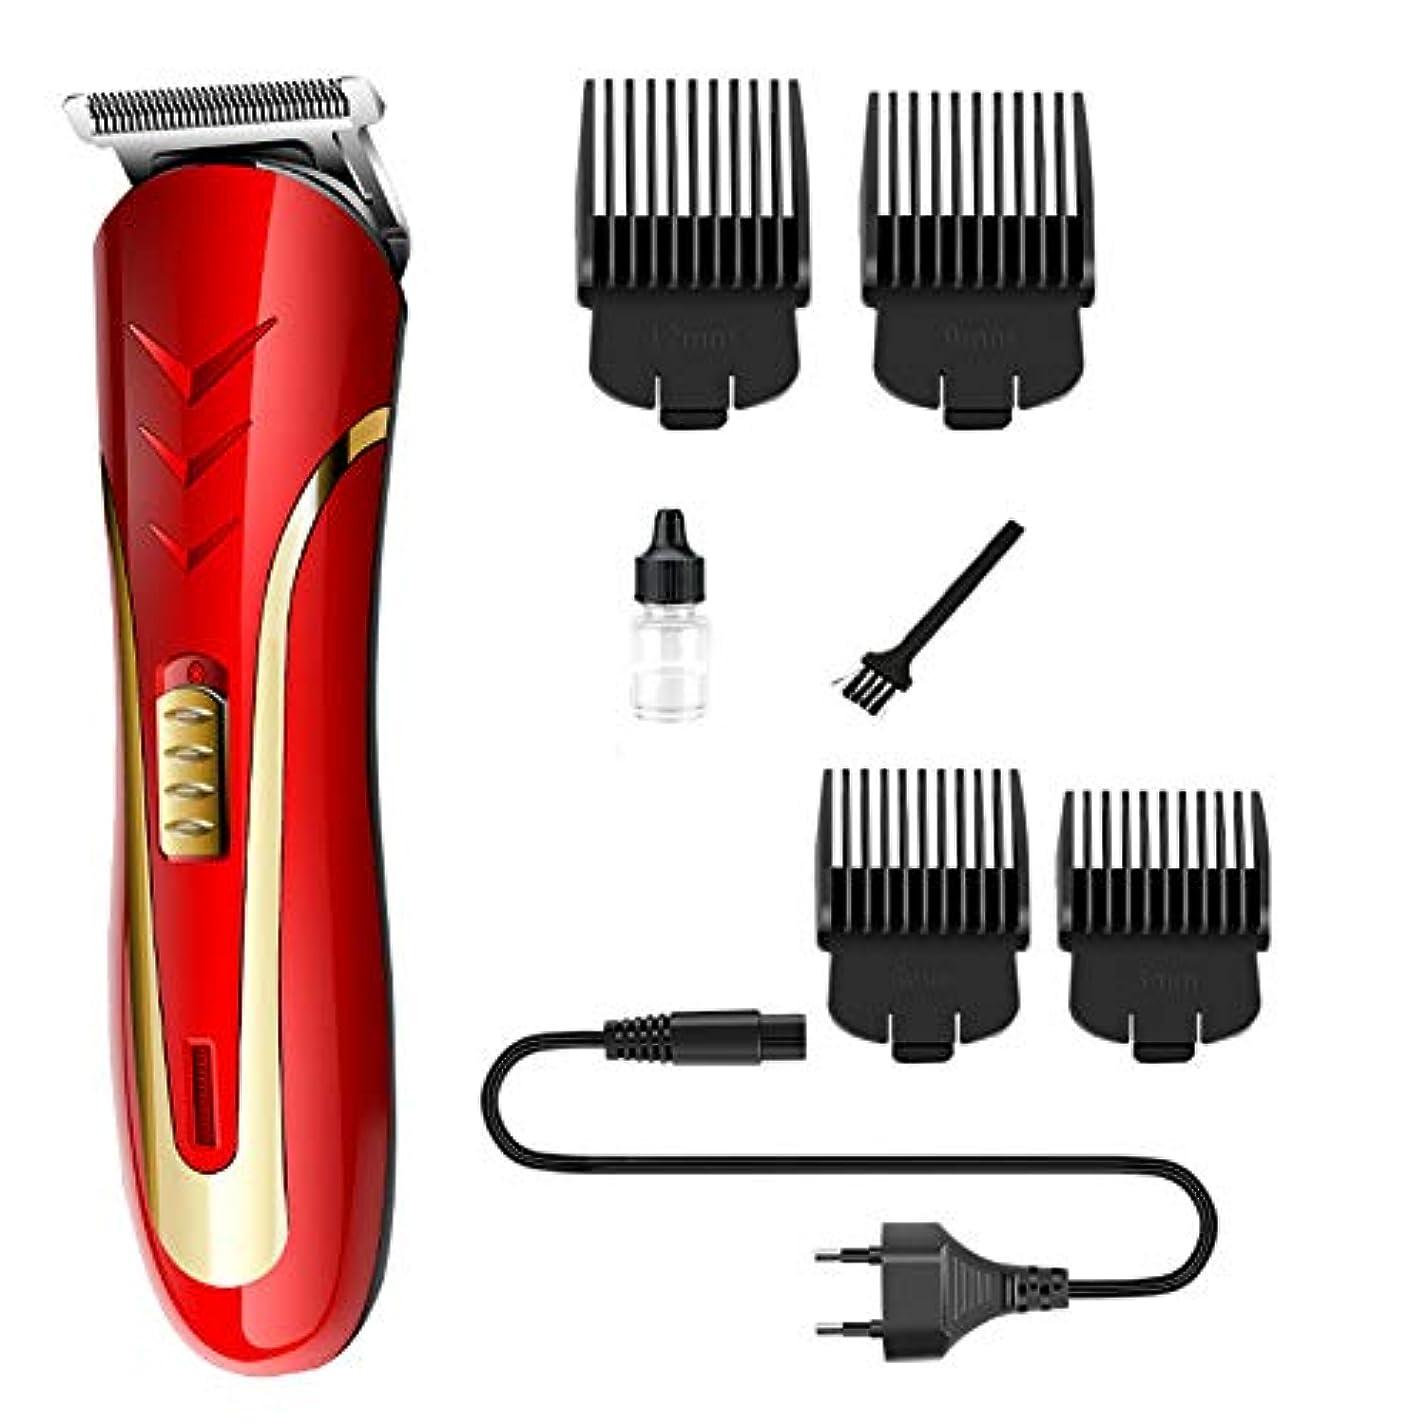 プロフェッショナルヘアトリマー充電式電動かみそりの男性ひげ剃りの電気毛クリッパーカッター